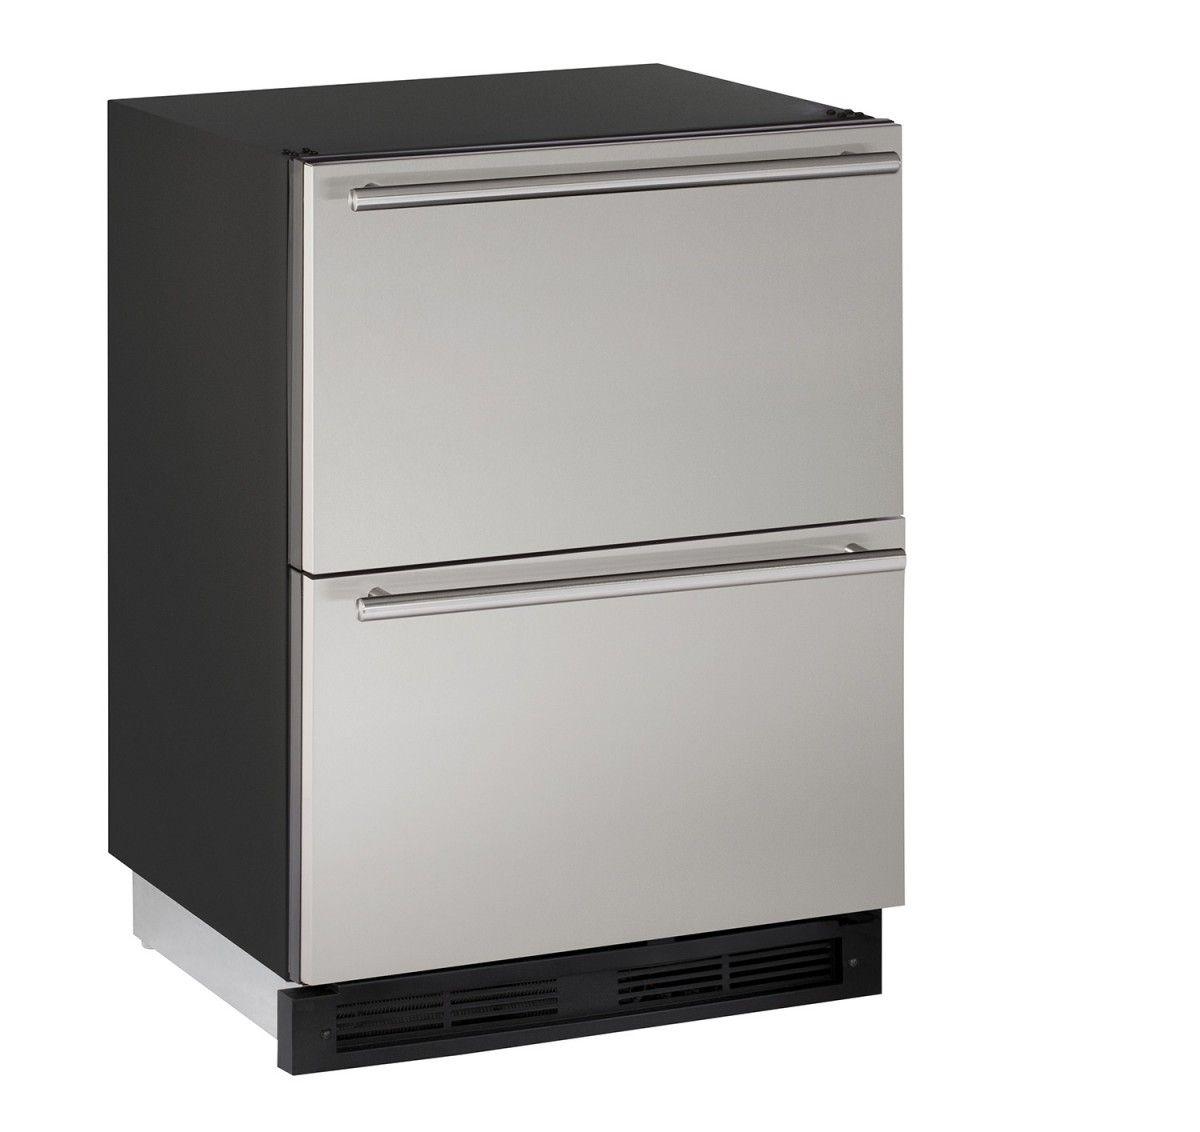 1224dwr 24 solid refrigerator drawers drawer models products kitchen final pinterest. Black Bedroom Furniture Sets. Home Design Ideas